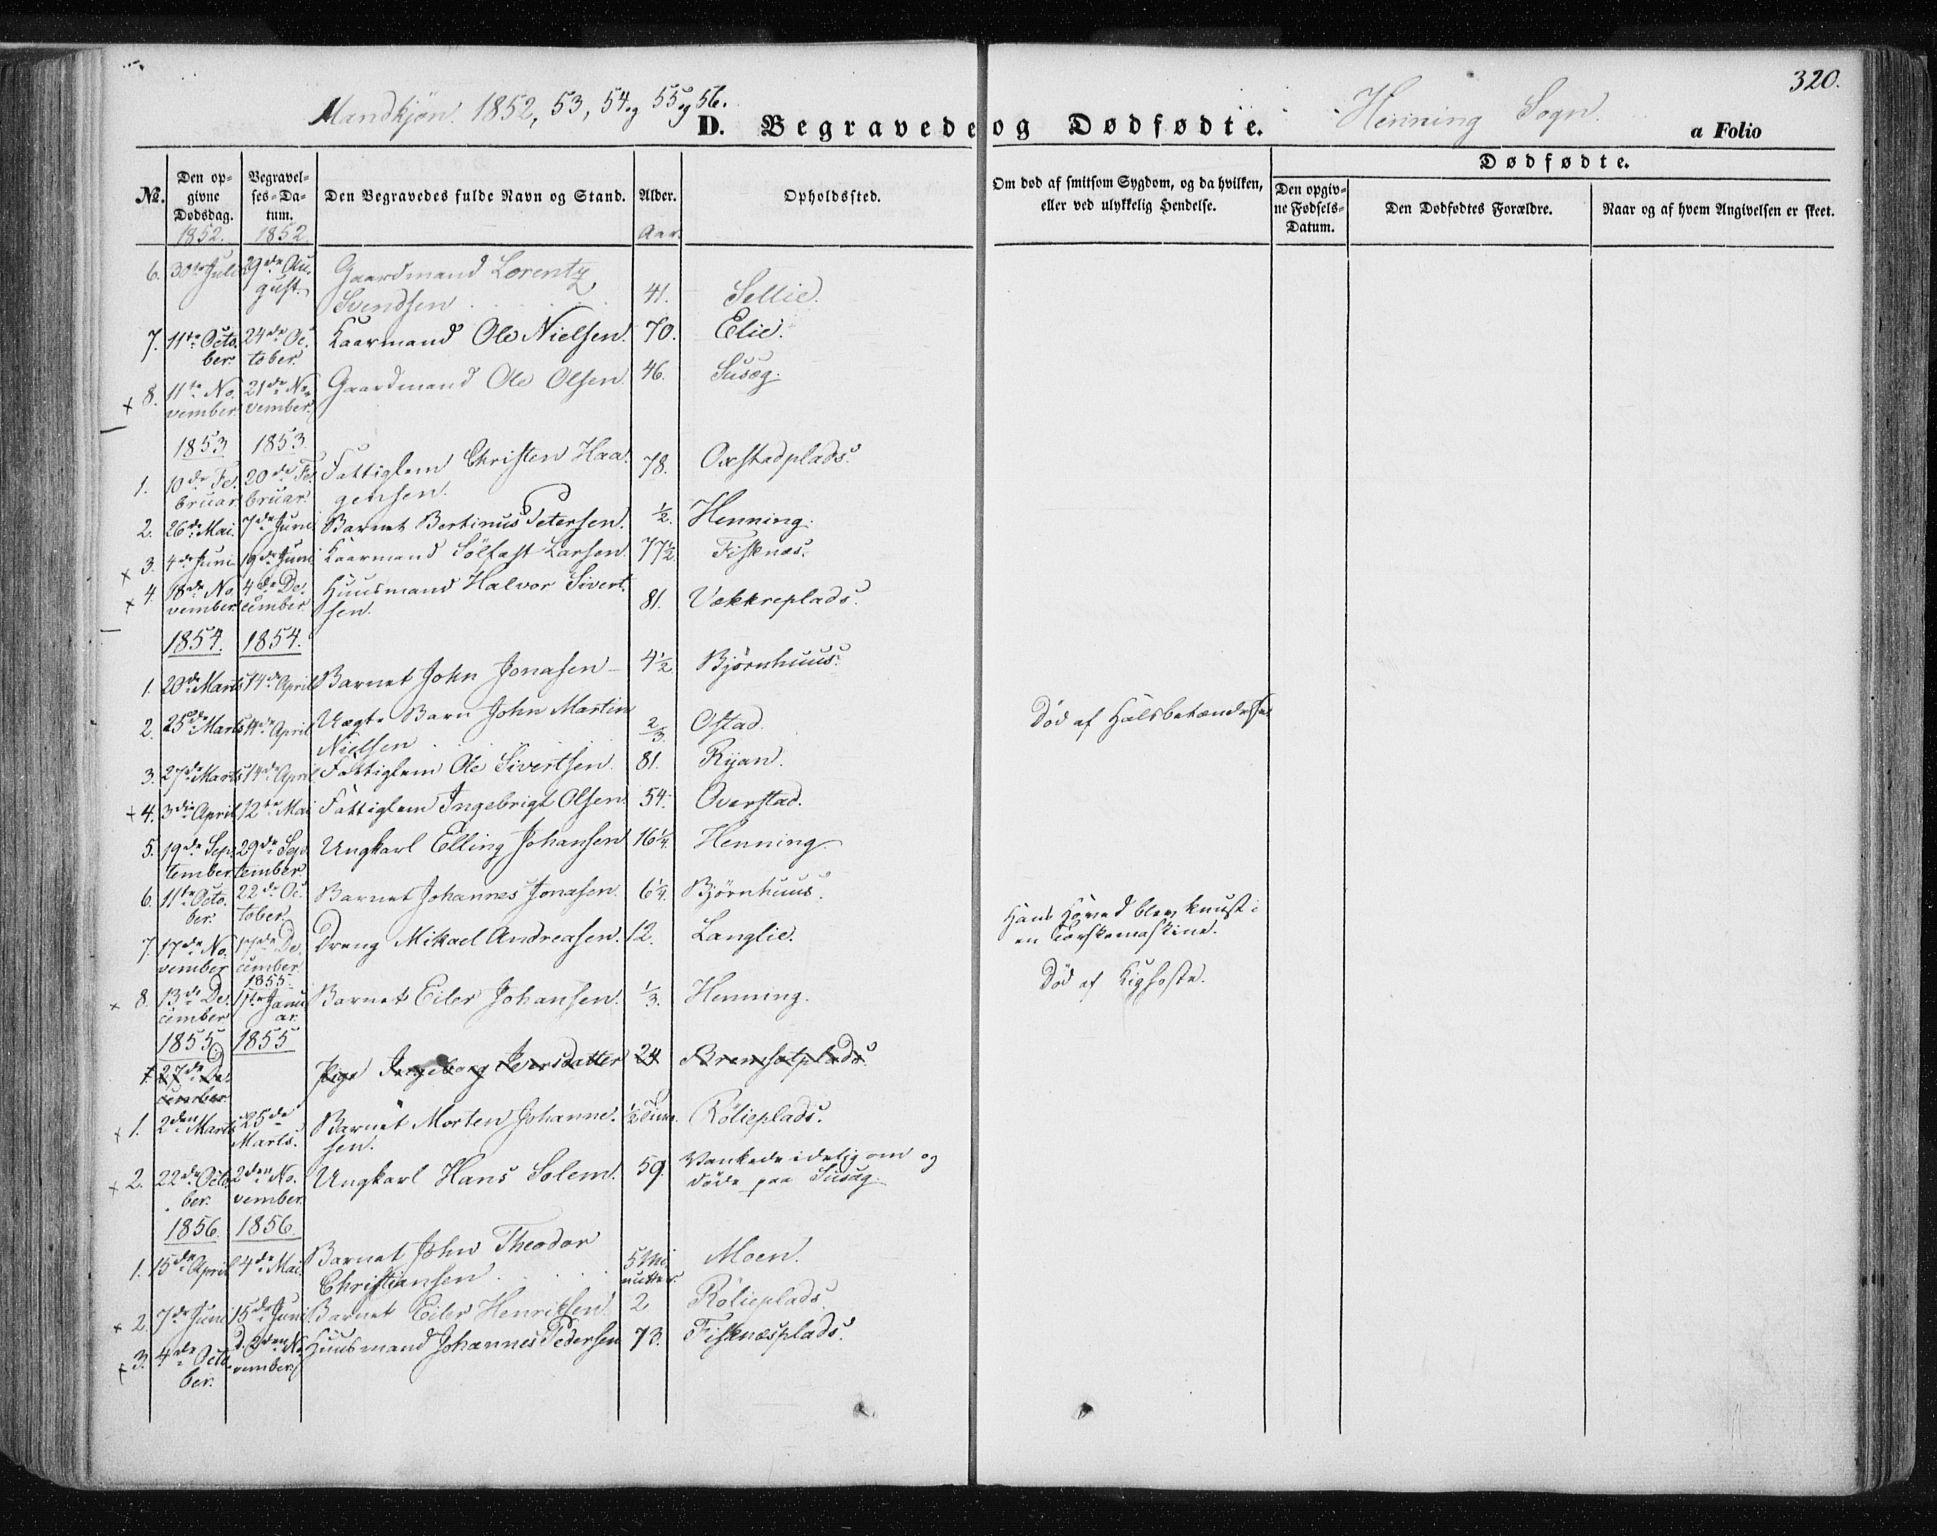 SAT, Ministerialprotokoller, klokkerbøker og fødselsregistre - Nord-Trøndelag, 735/L0342: Ministerialbok nr. 735A07 /3, 1849-1862, s. 320